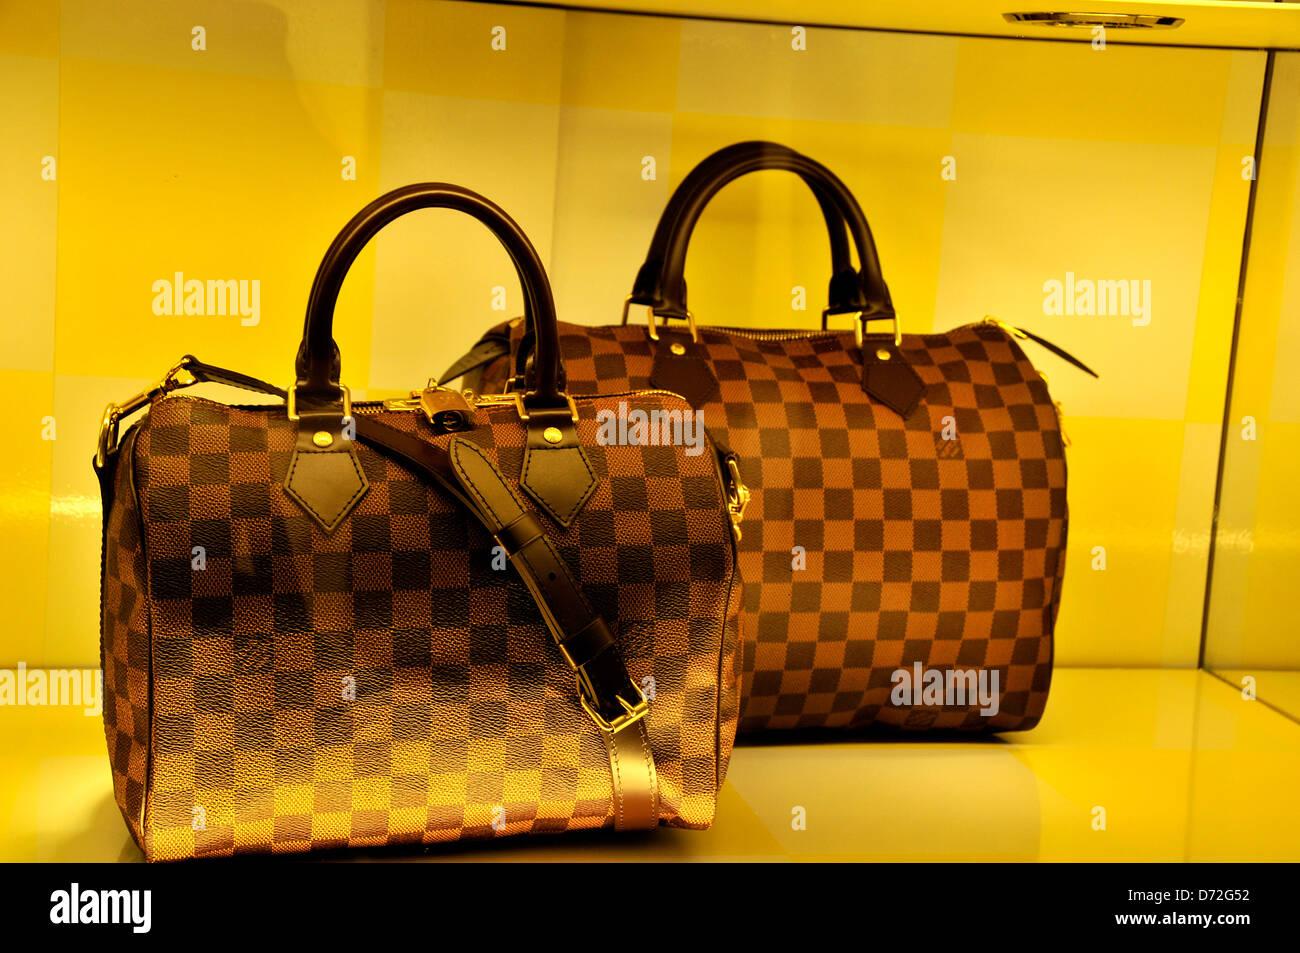 eaf1bea94c Louis Vuitton femme sac à main dans la fenêtre de LV boutique dans le  centre commercial de Dubaï